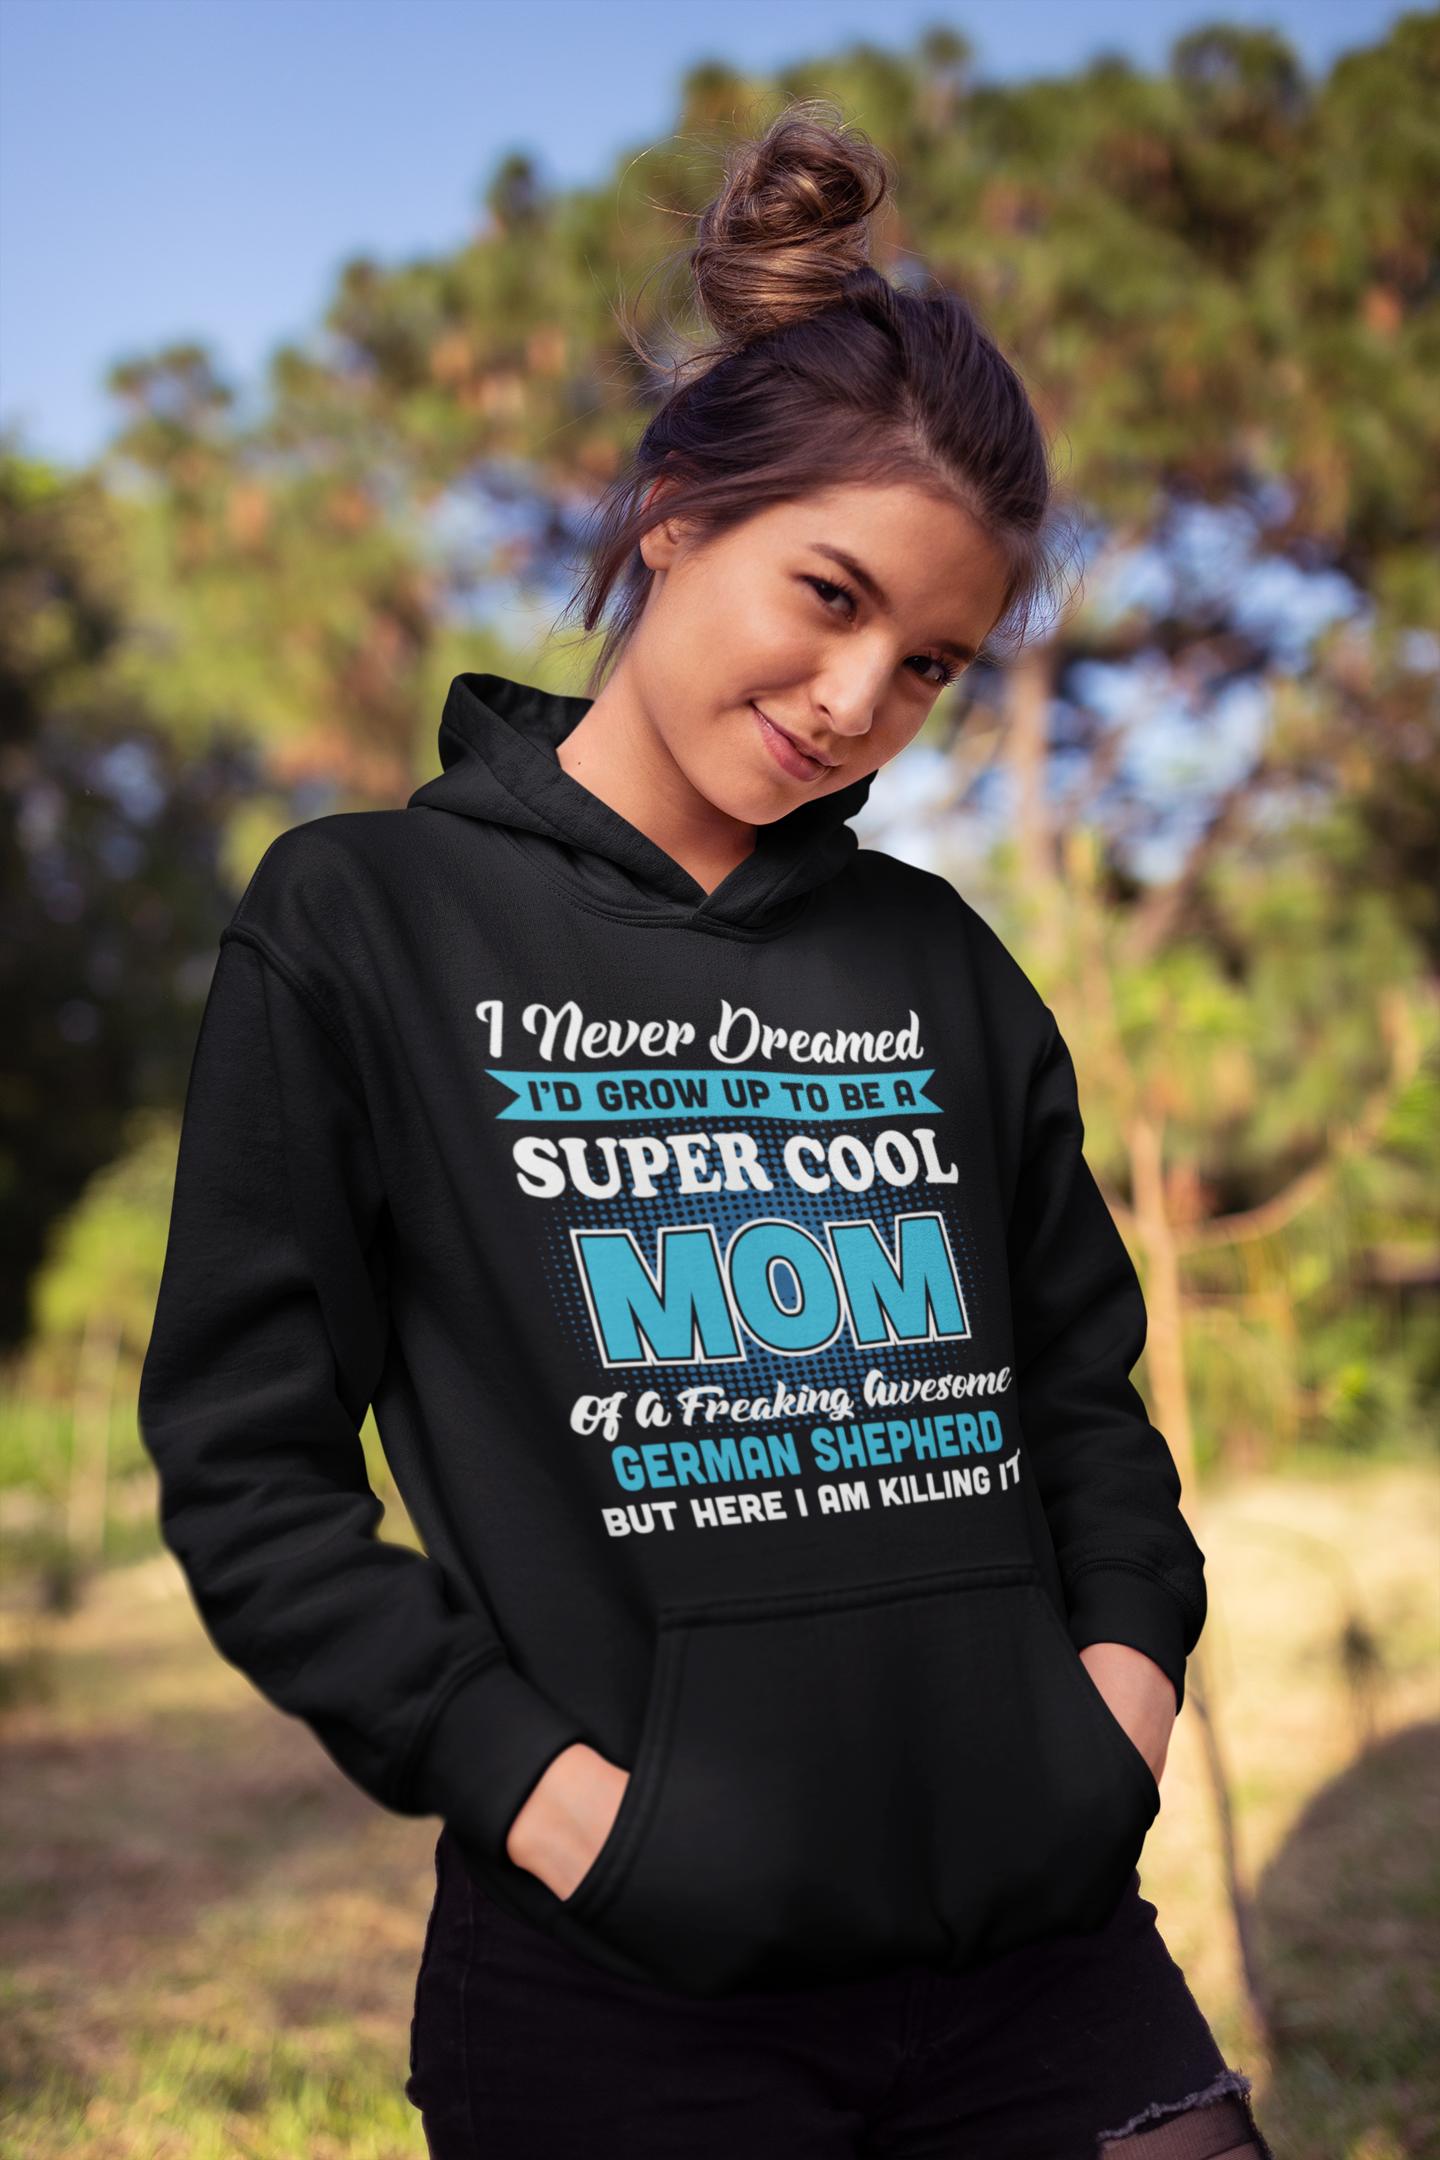 Super Cool German Shepherd Mom Long Sleeve Hoodies Long Sleeve Hoodie Hoodies Sweatshirts Hoodie [ 2160 x 1440 Pixel ]